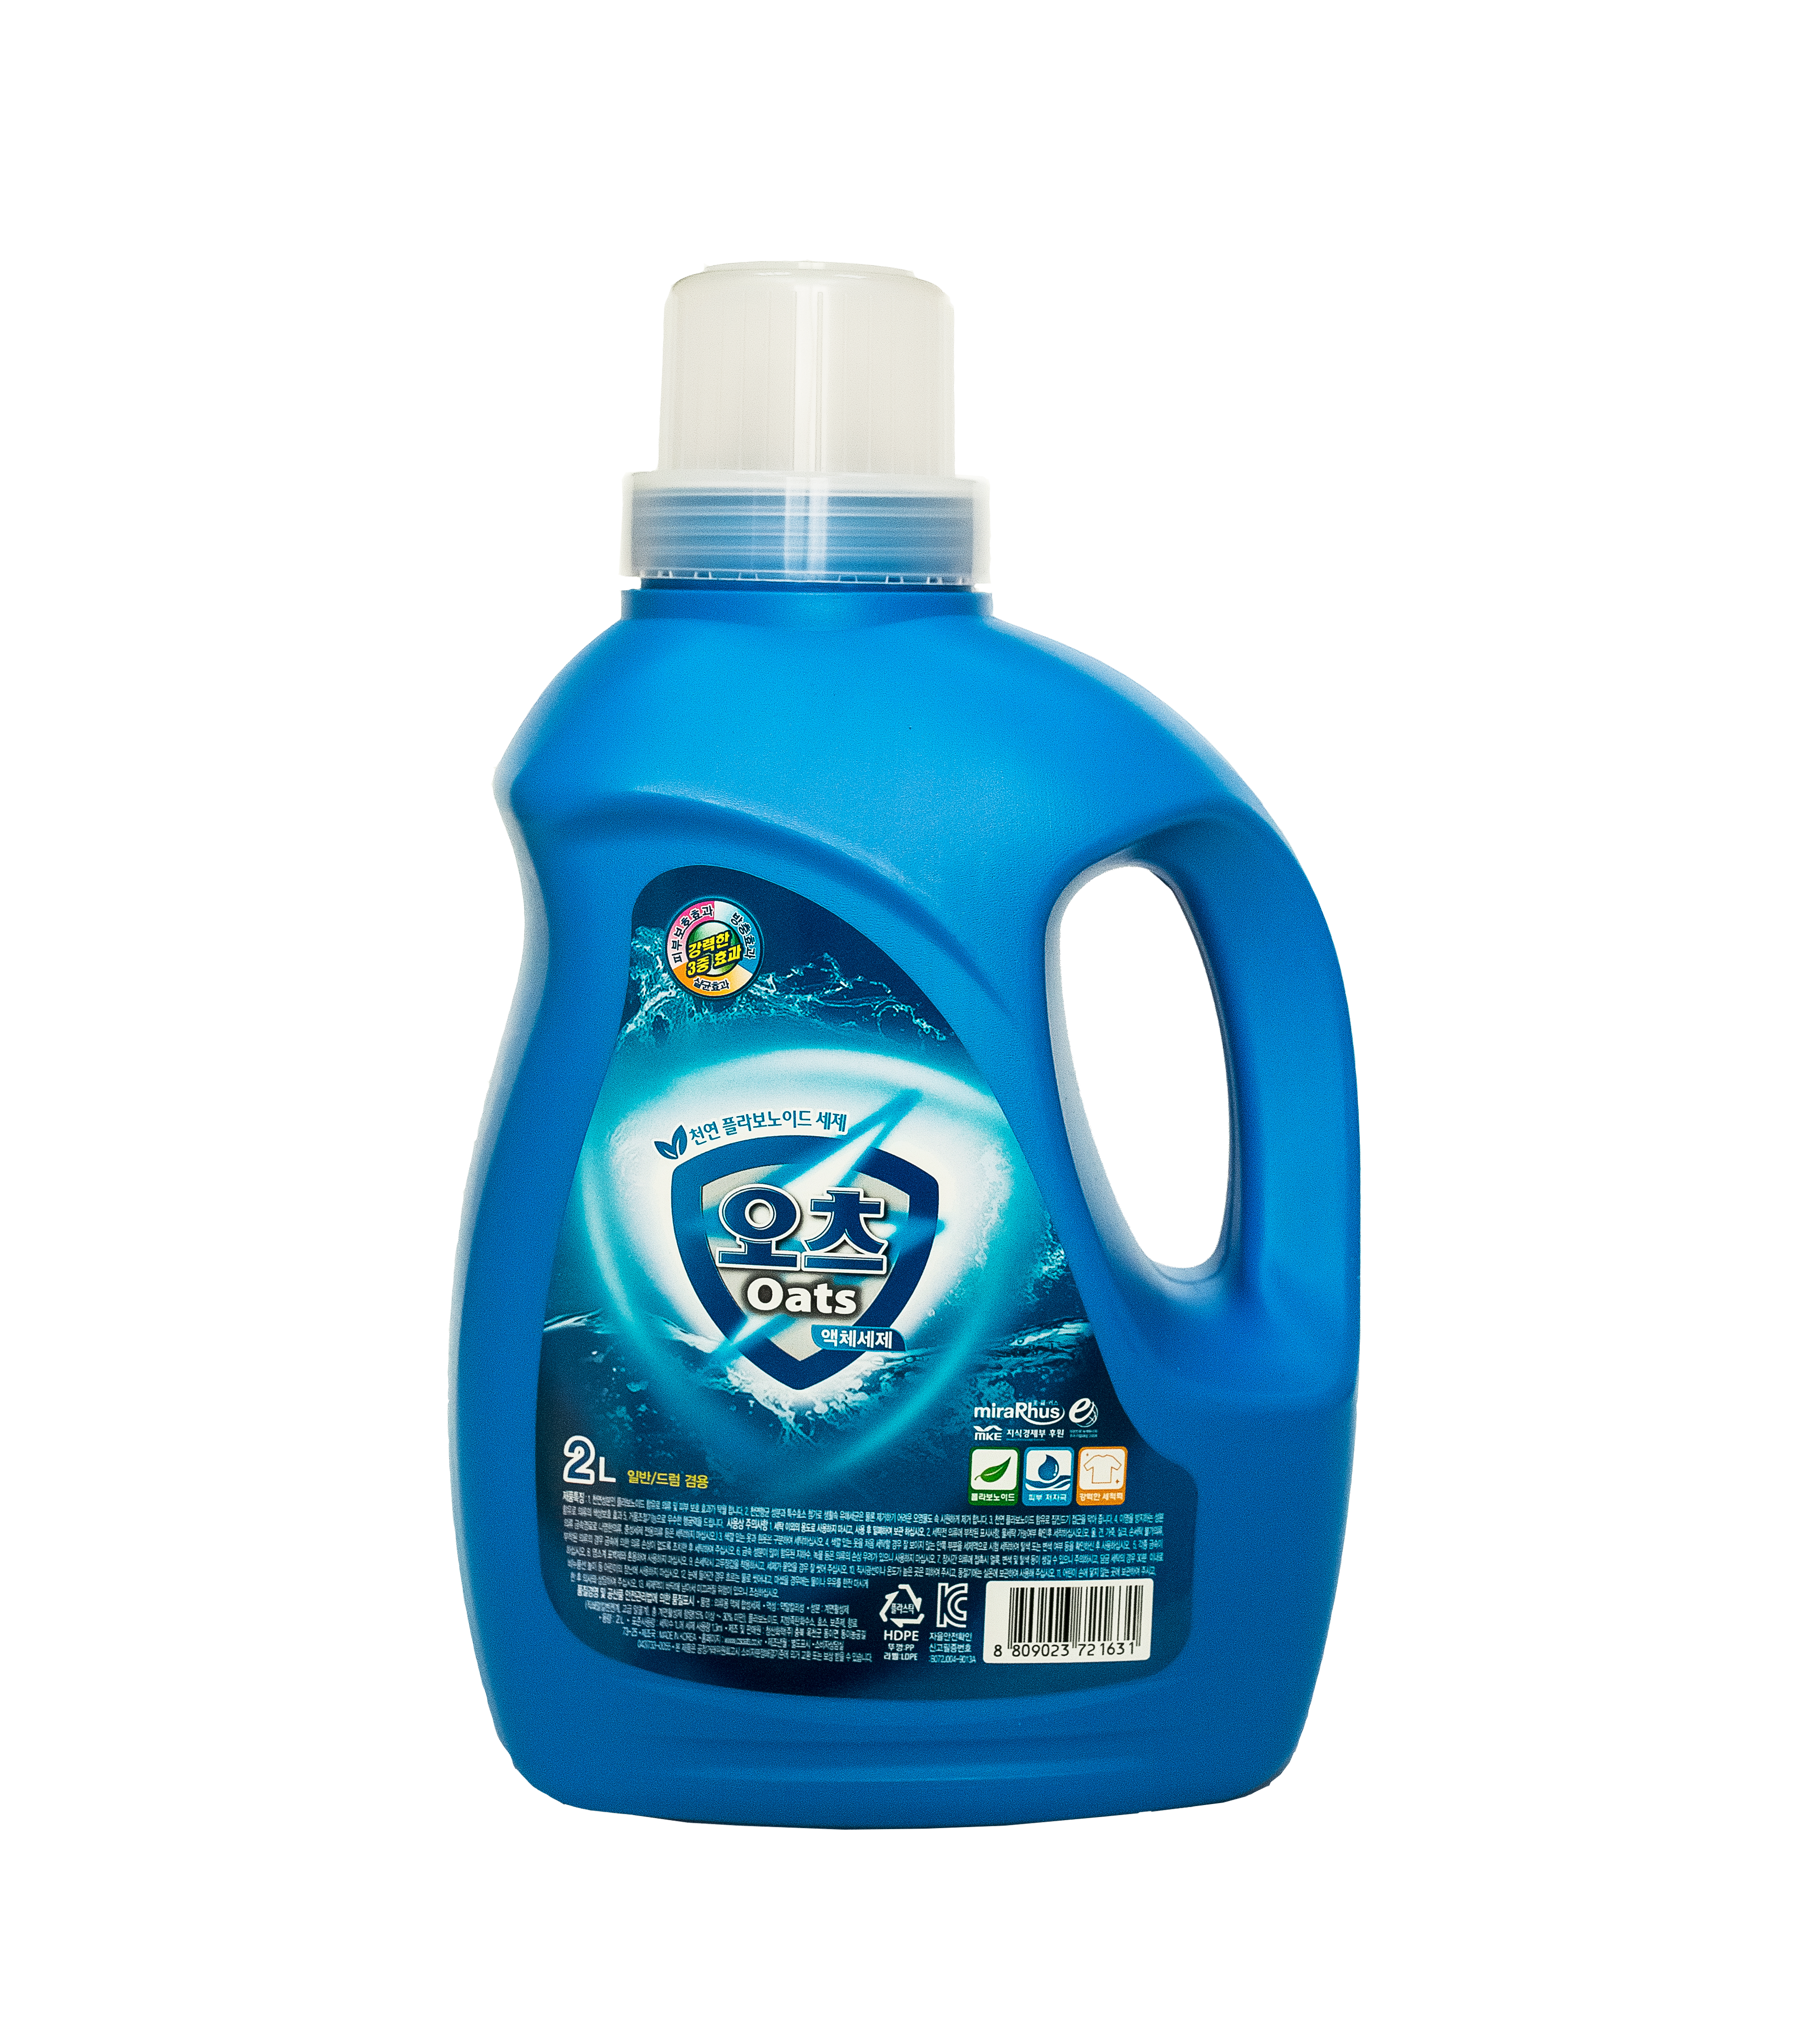 Жидкое средство для стирки Oats 721631